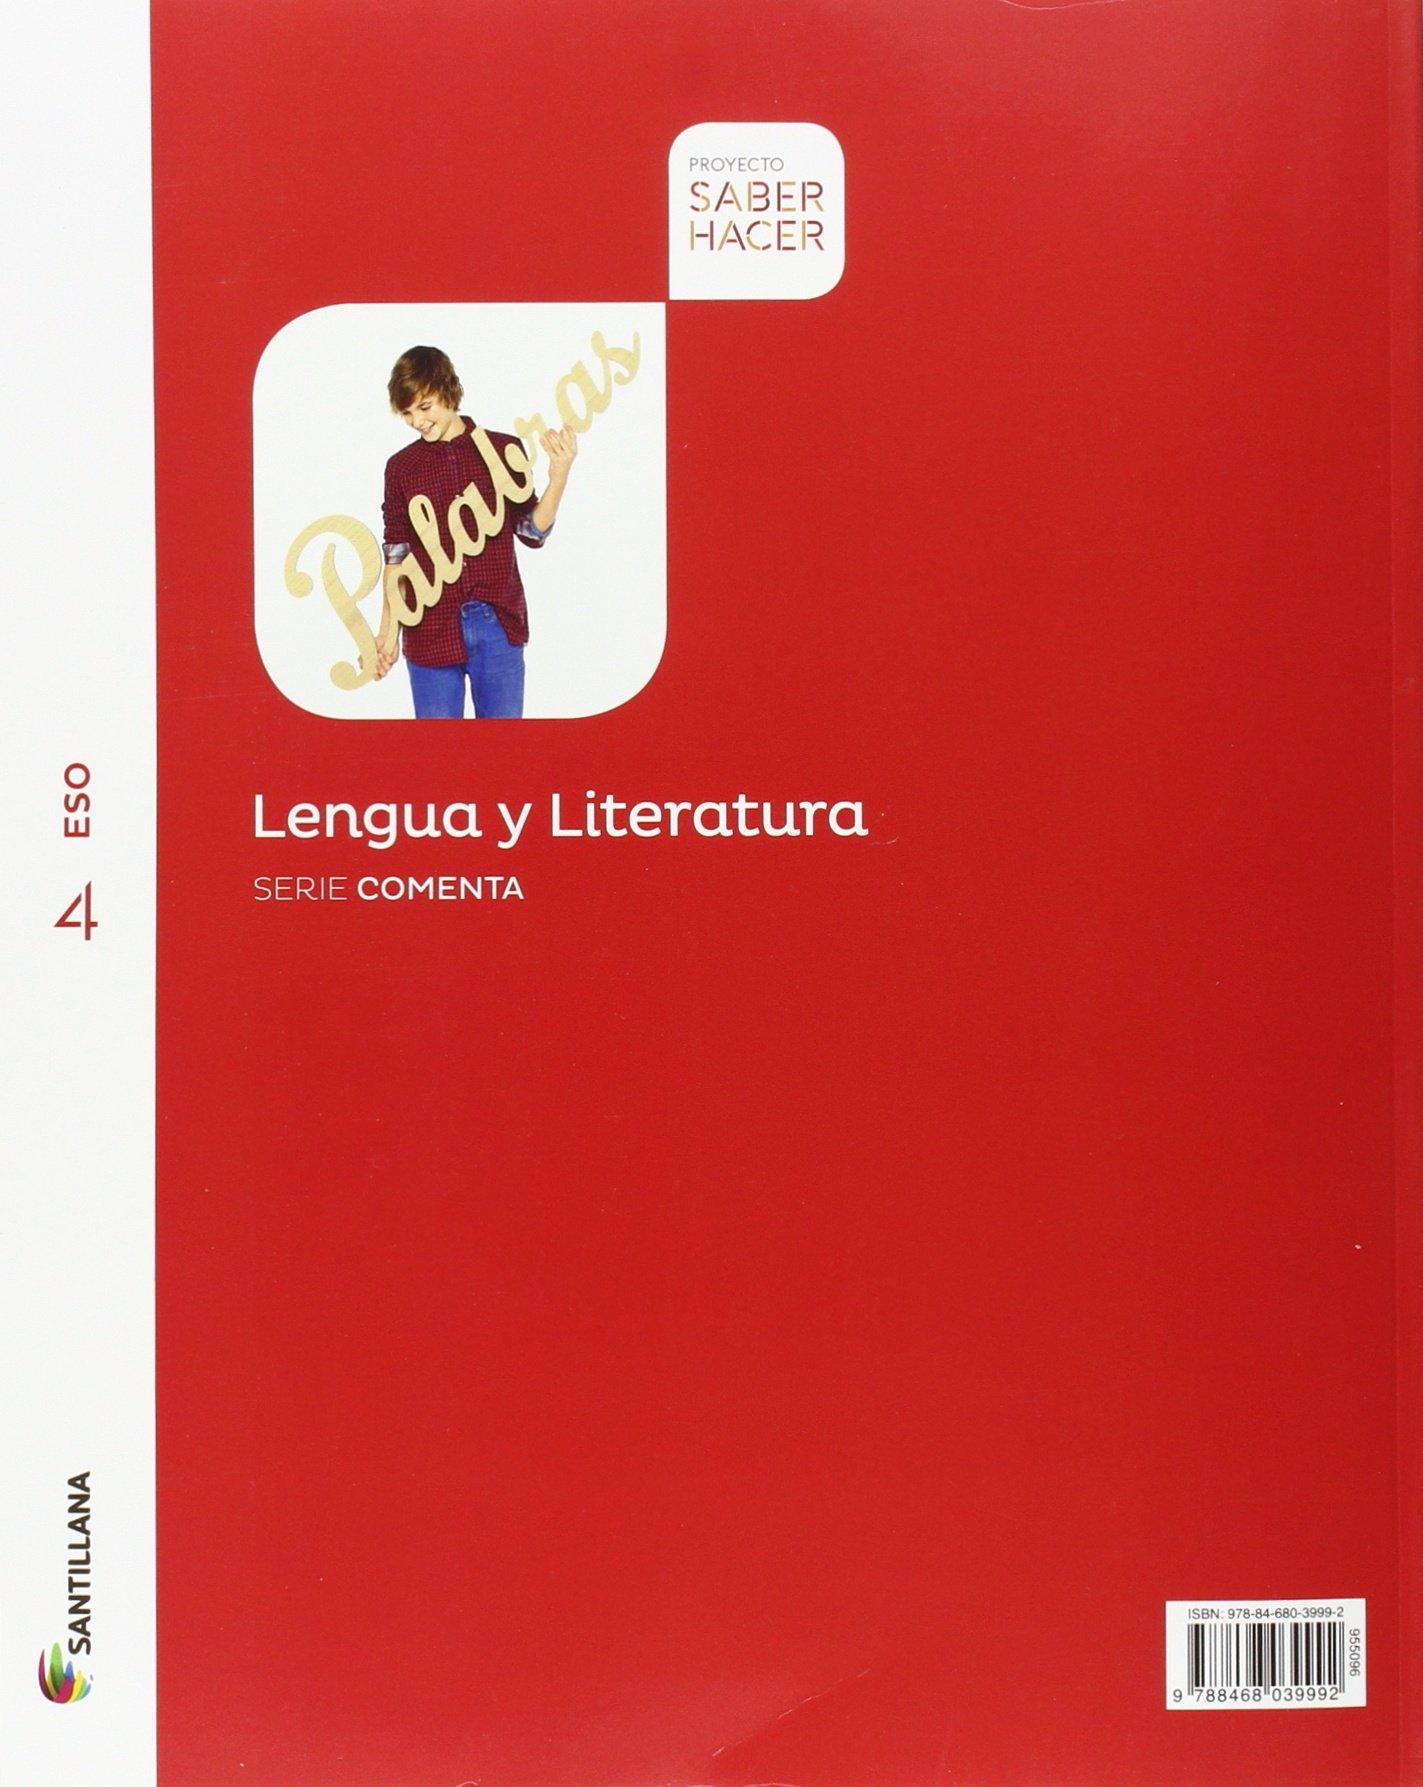 Lengua Y Literatura Serie Comenta 4 Eso Saber Hacer Spanish Edition 9788468039992 Amazon Com Books